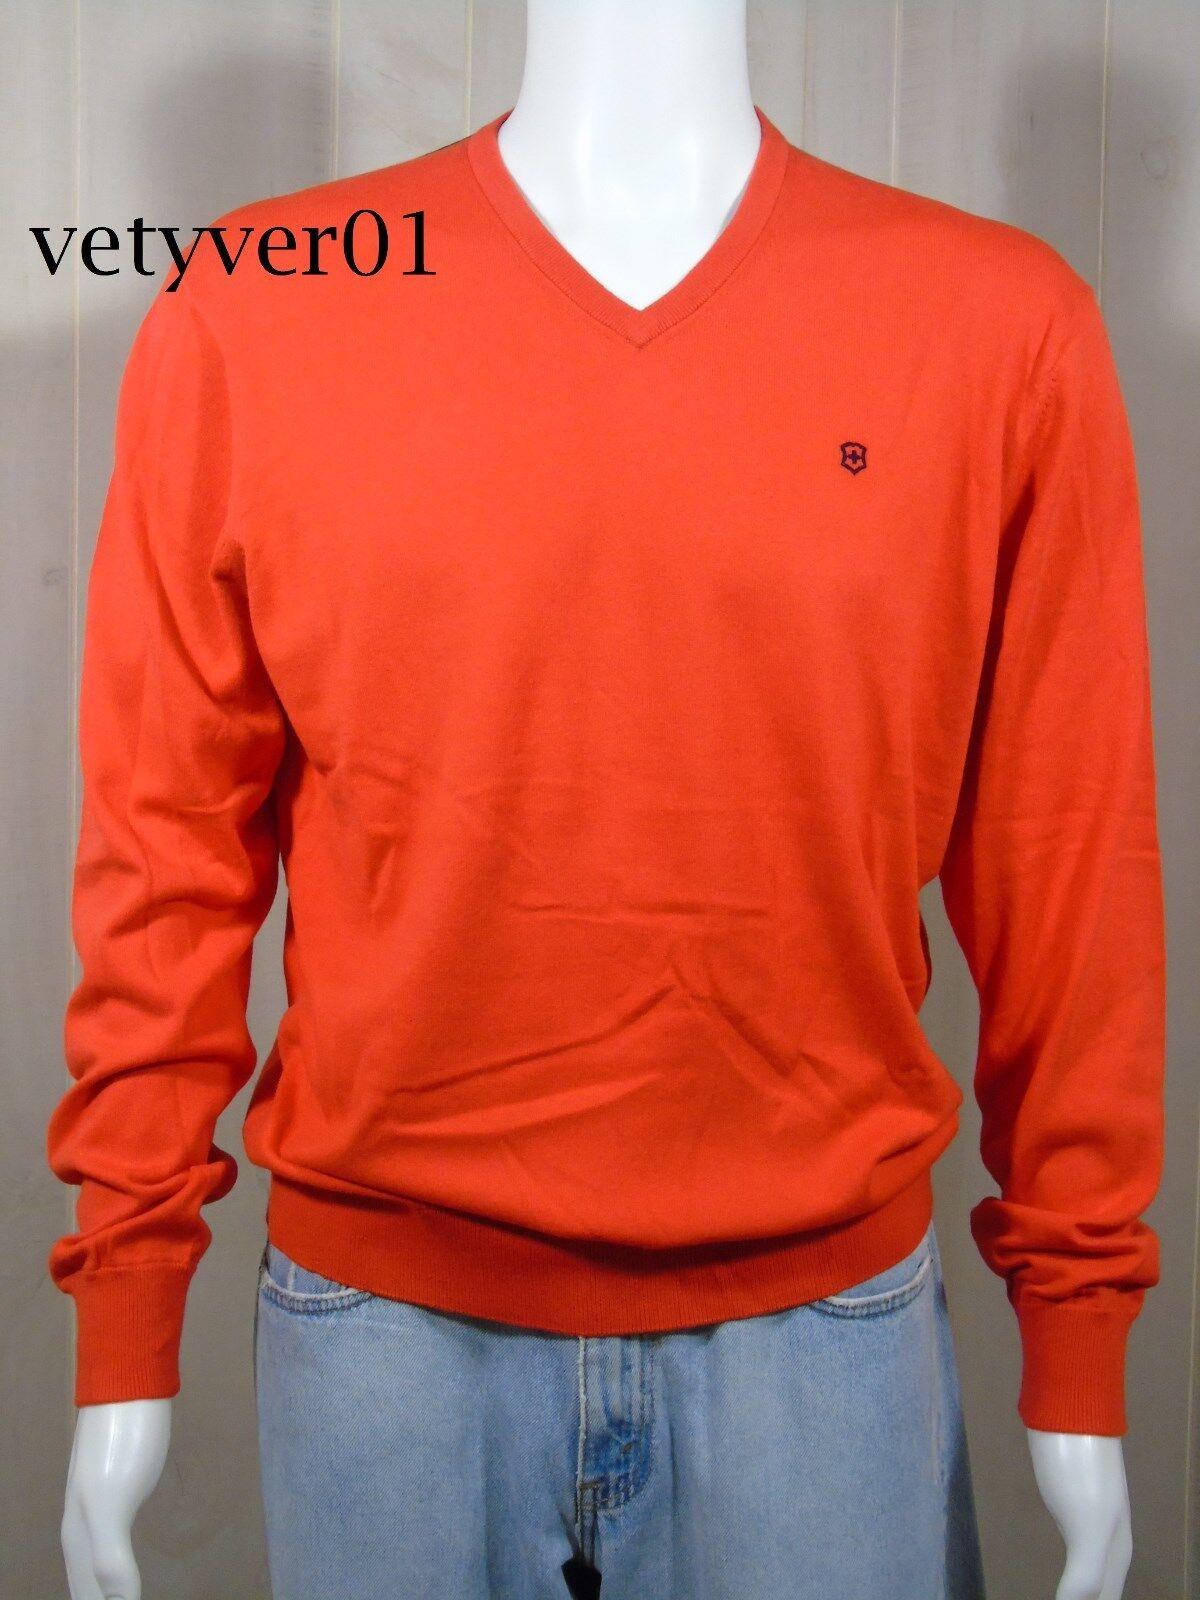 Nuevo  Victorinox Swiss Army  firma  a medida algodón de punto con cuello en v suéter naranja  garantía de crédito